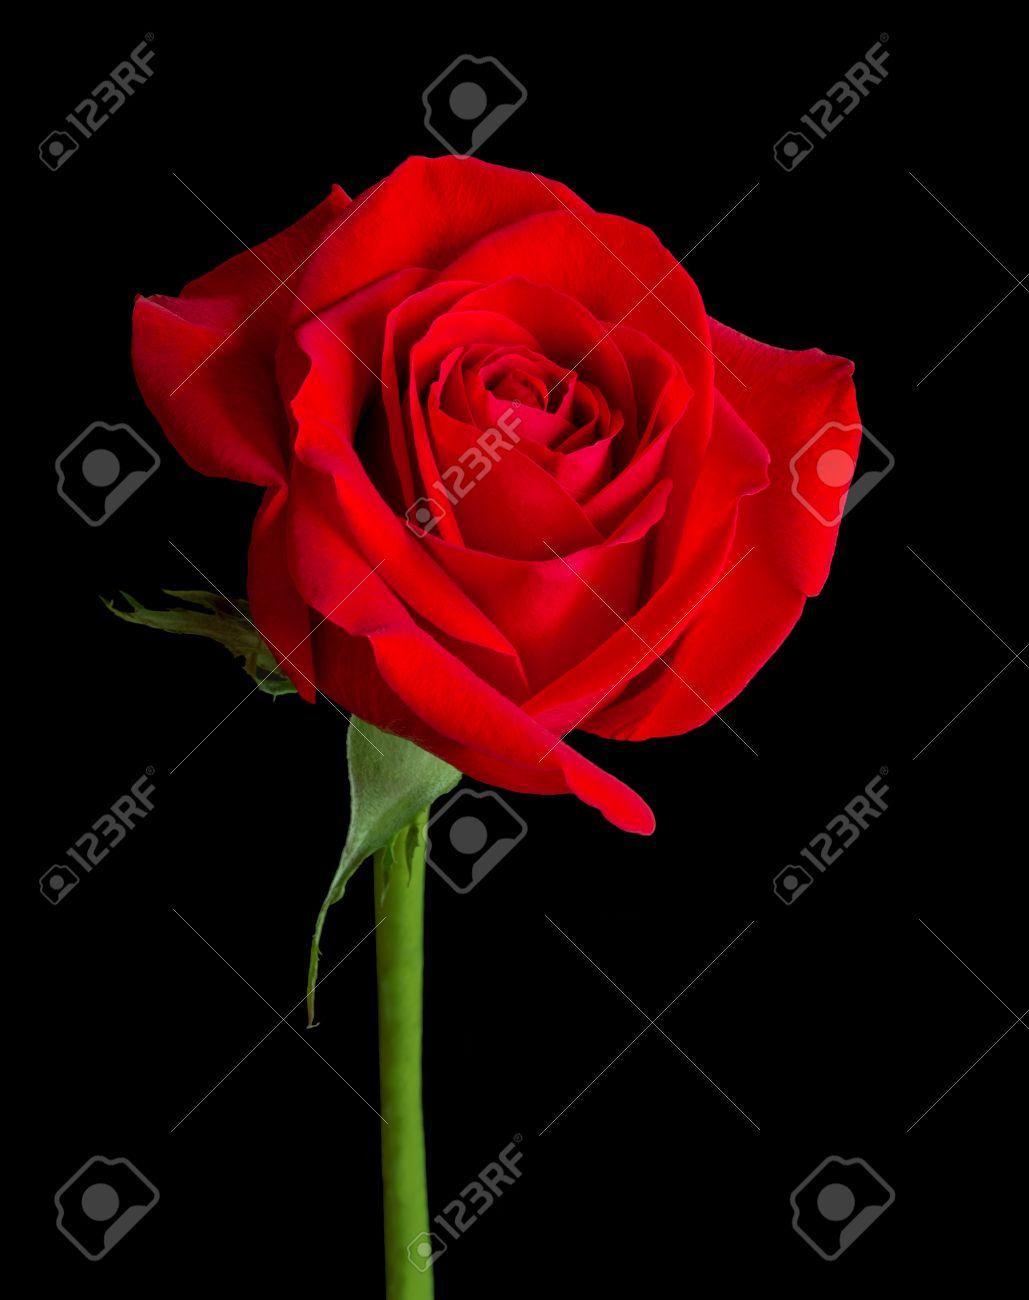 Immagini Stock Una Sola Rosa A Gambo Lungo Rosso è Isolato Su Uno